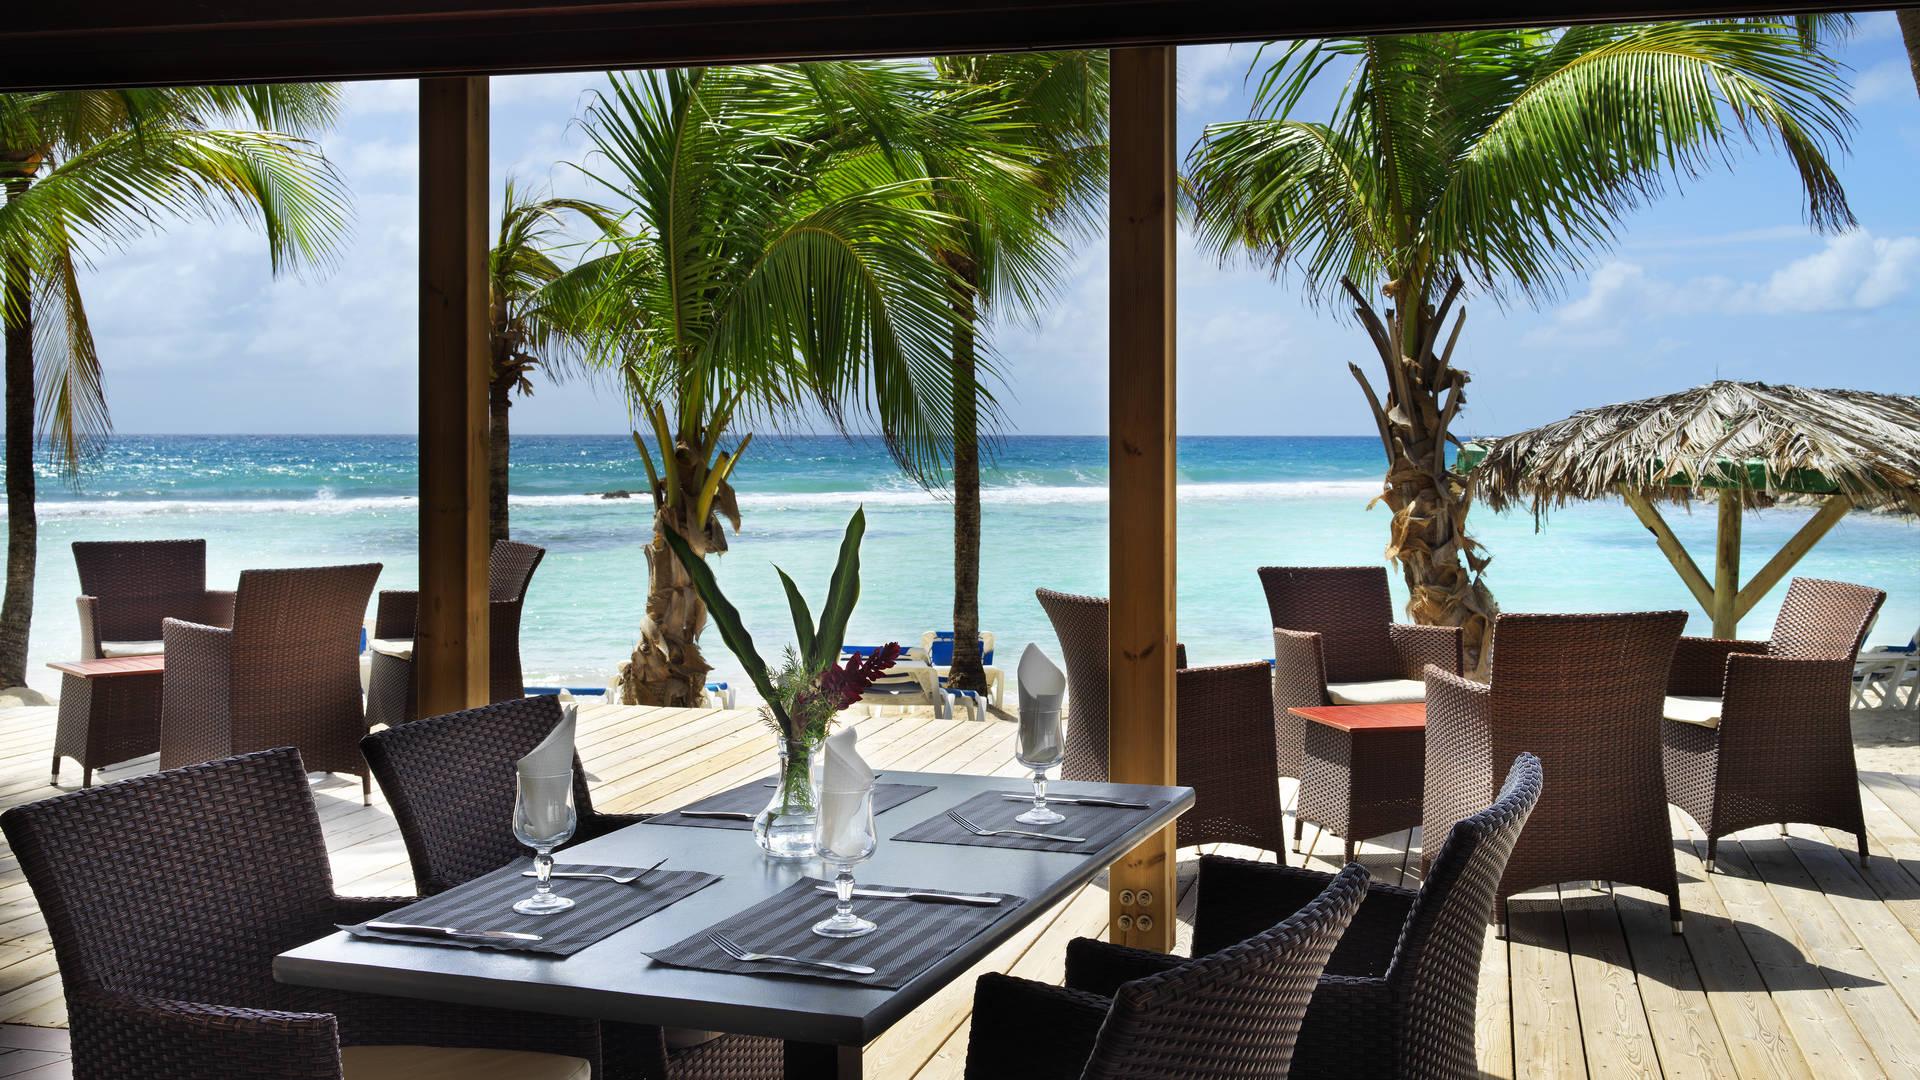 Januari Beach Special. Combinatiereis St. Maarten & Guadeloupe